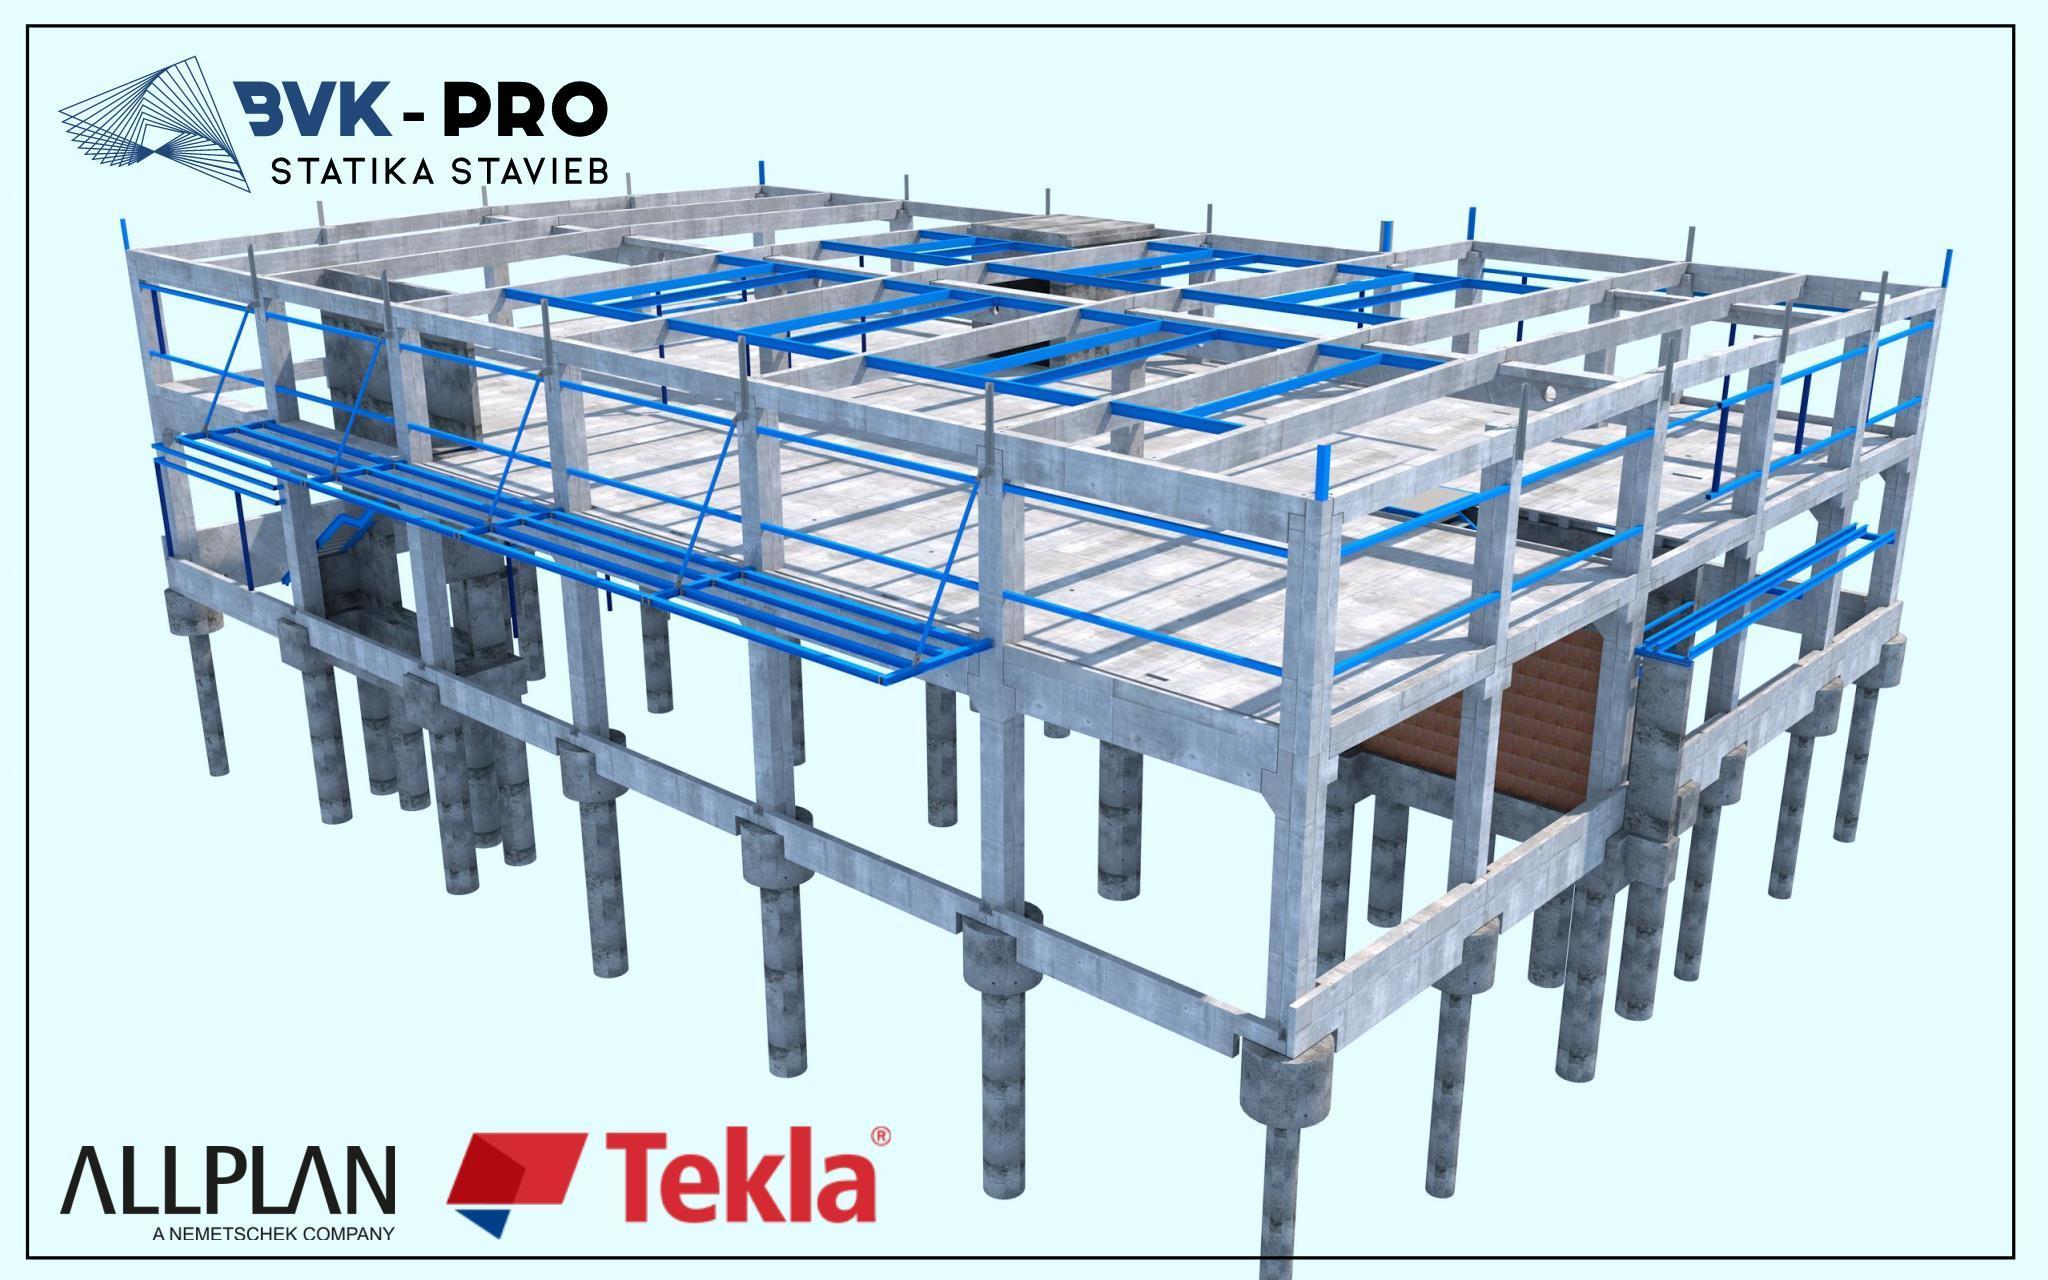 19 227 Rekonštrukcia A Prístavba Skladovej Haly Bvk Pro Page 001